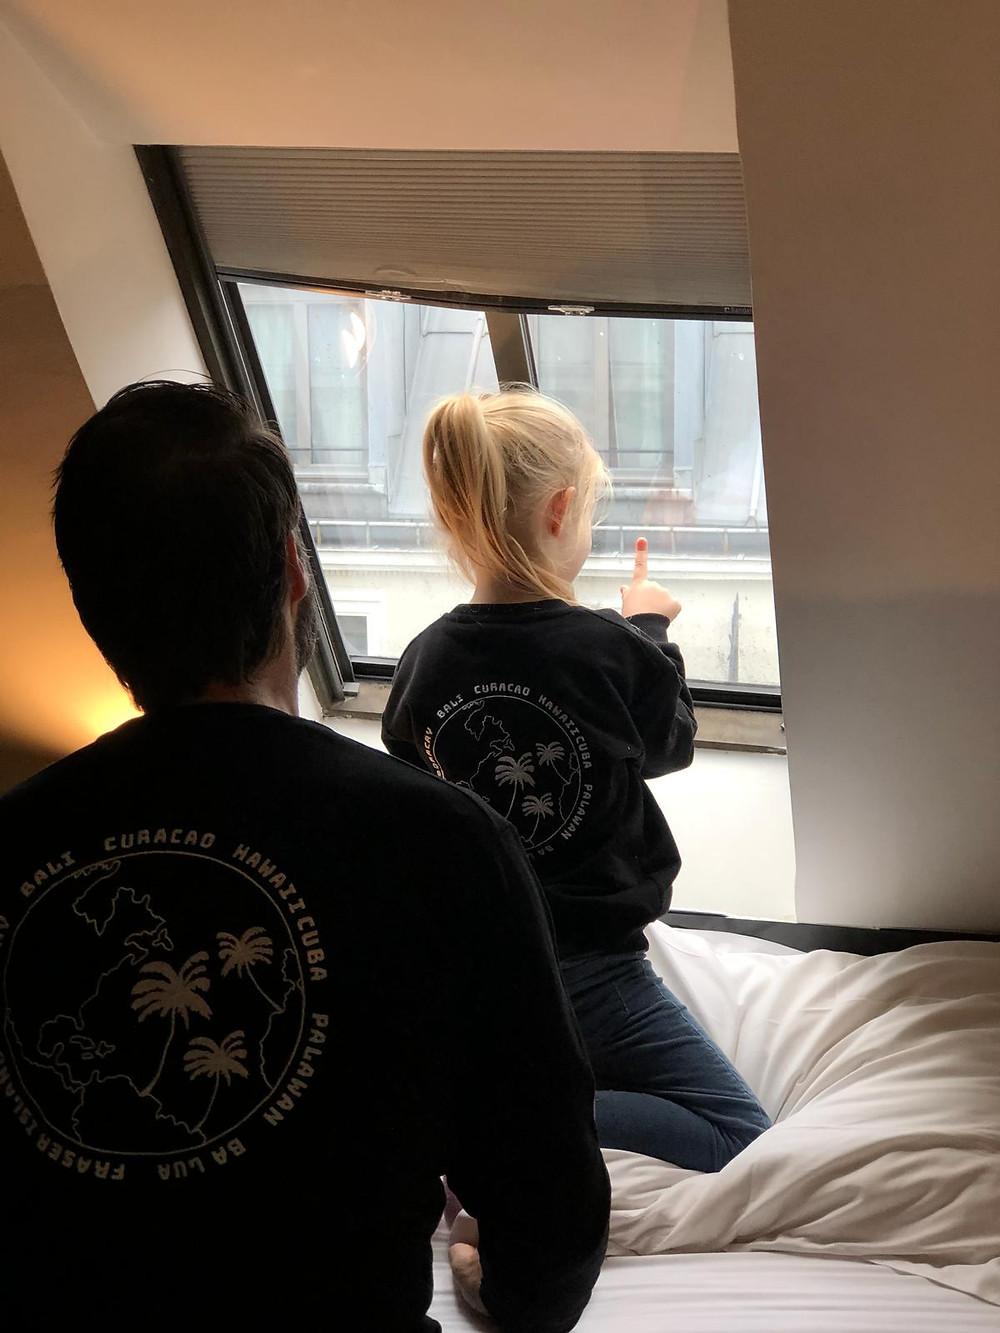 Papa und Tochter, Paris Berlincityfam - Familienblog, Mamablog, Papablog Berlin